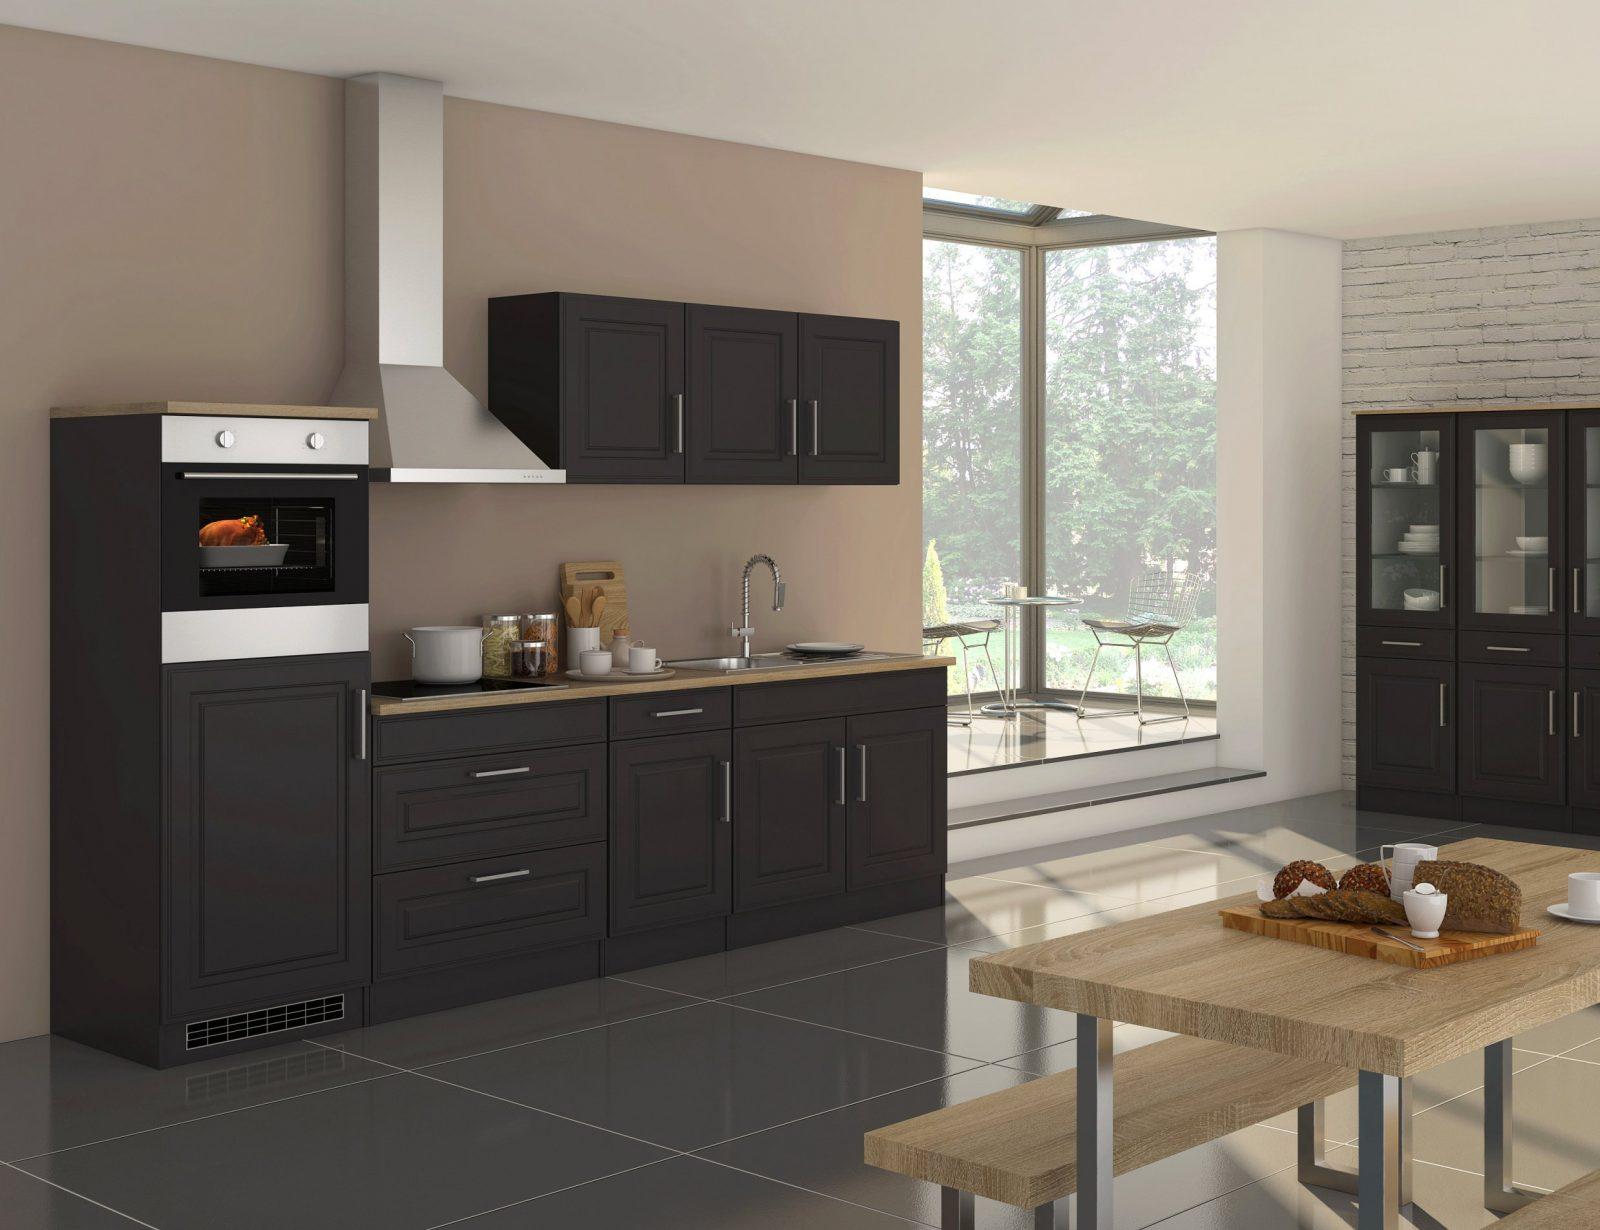 Küchenzeile Mit Elektrogeräten Günstig Kaufen von Küche Mit E Geräten Ohne Kühlschrank Bild